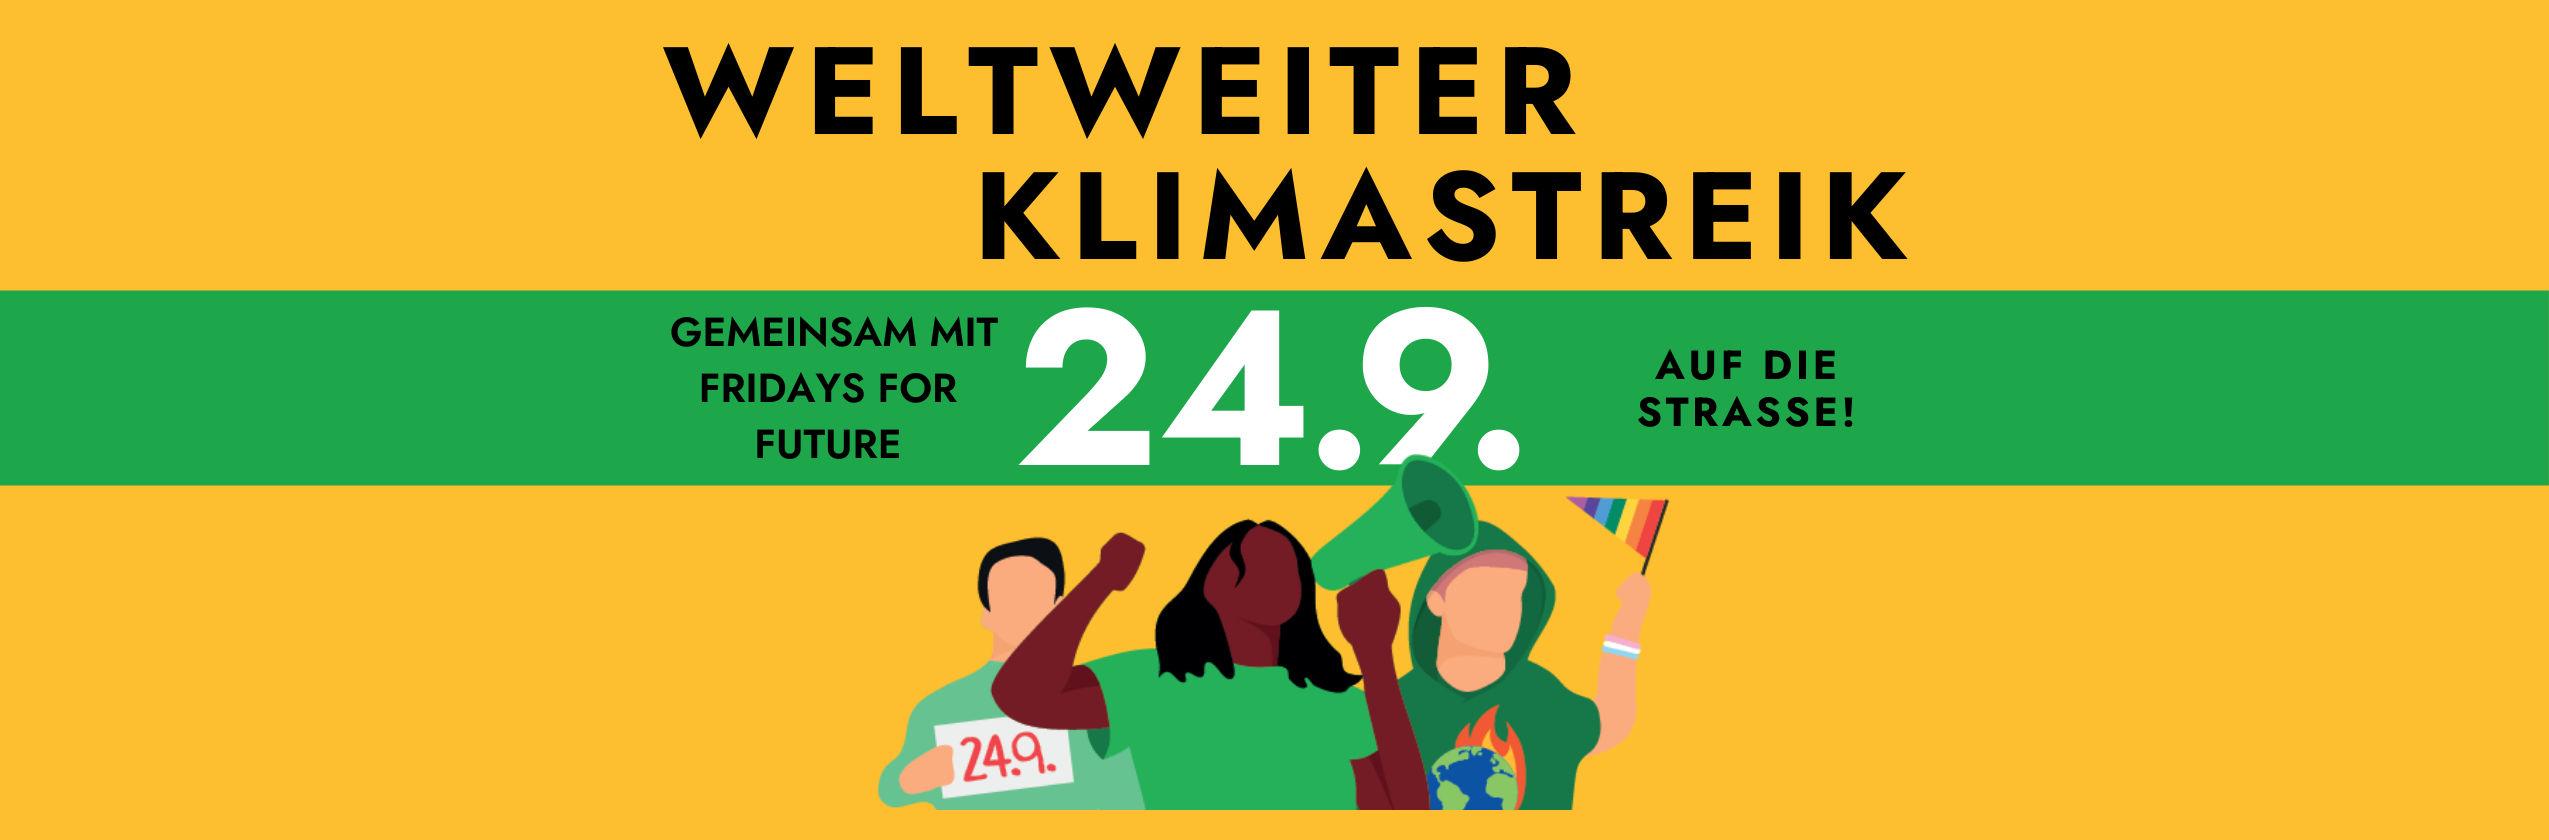 Weltweiter Klimastreik am 24. September 2021 - save the date